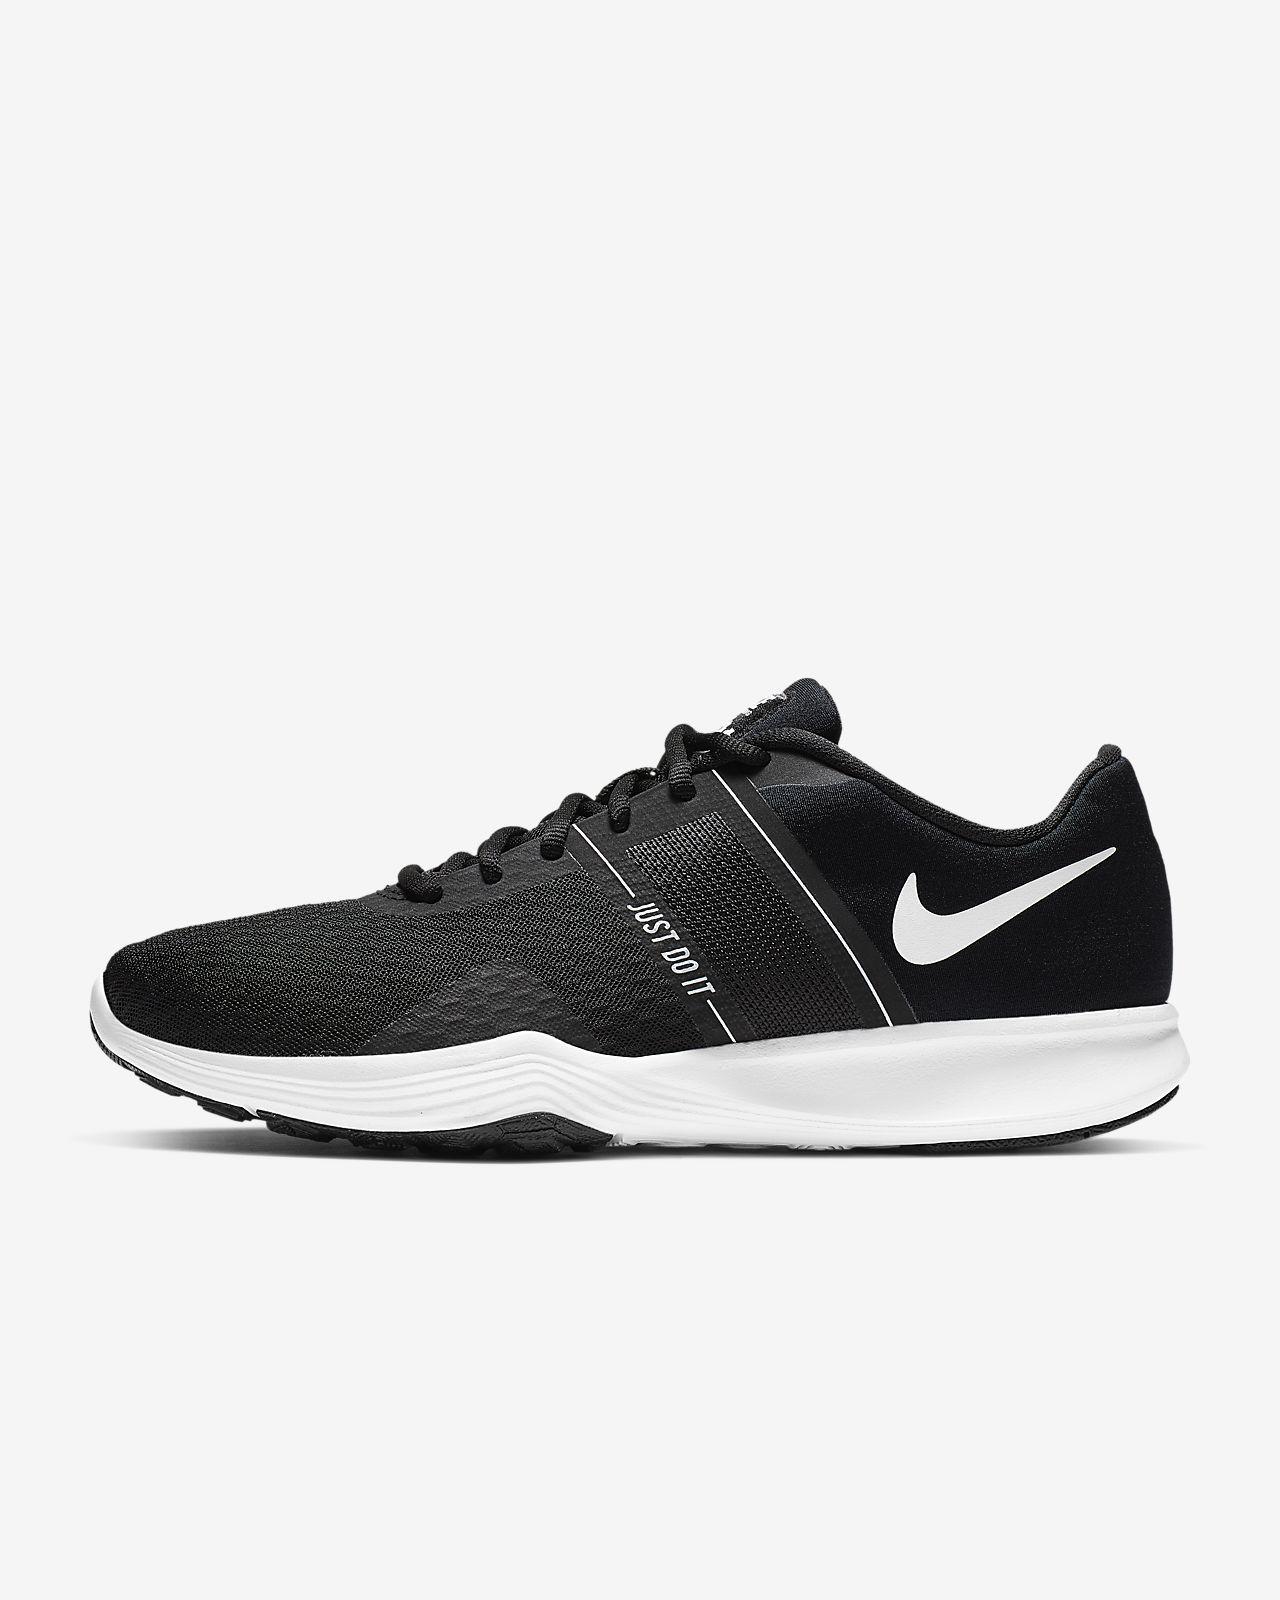 Damskie buty treningowe Nike City Trainer 2